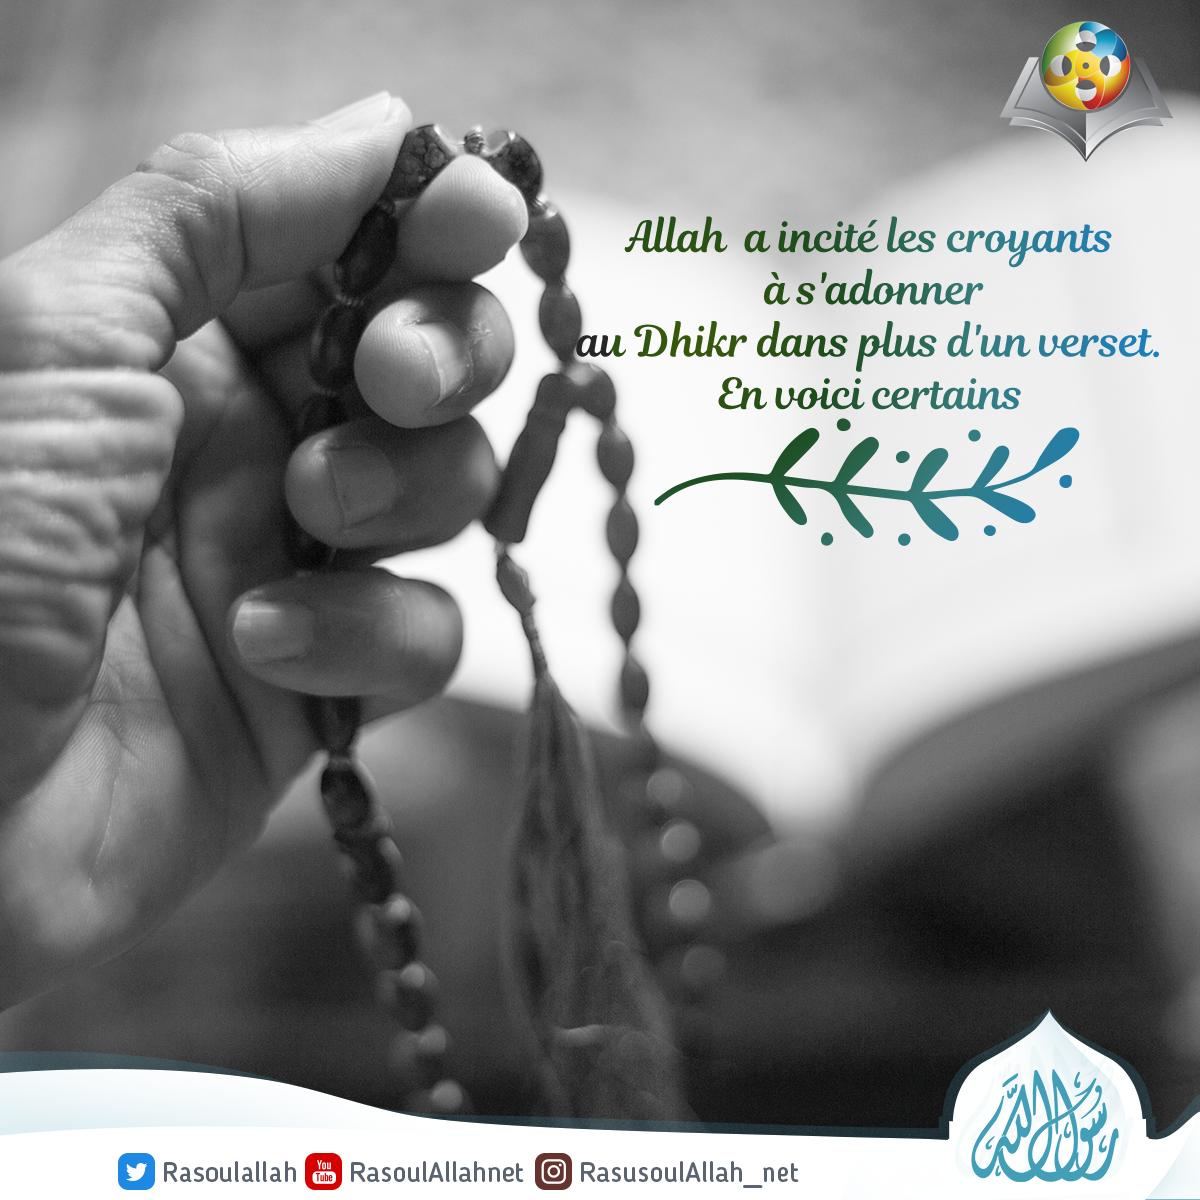 Allah  a incité les croyants à s'adonner au Dhikr dans plus d'un verset. En voici certains: